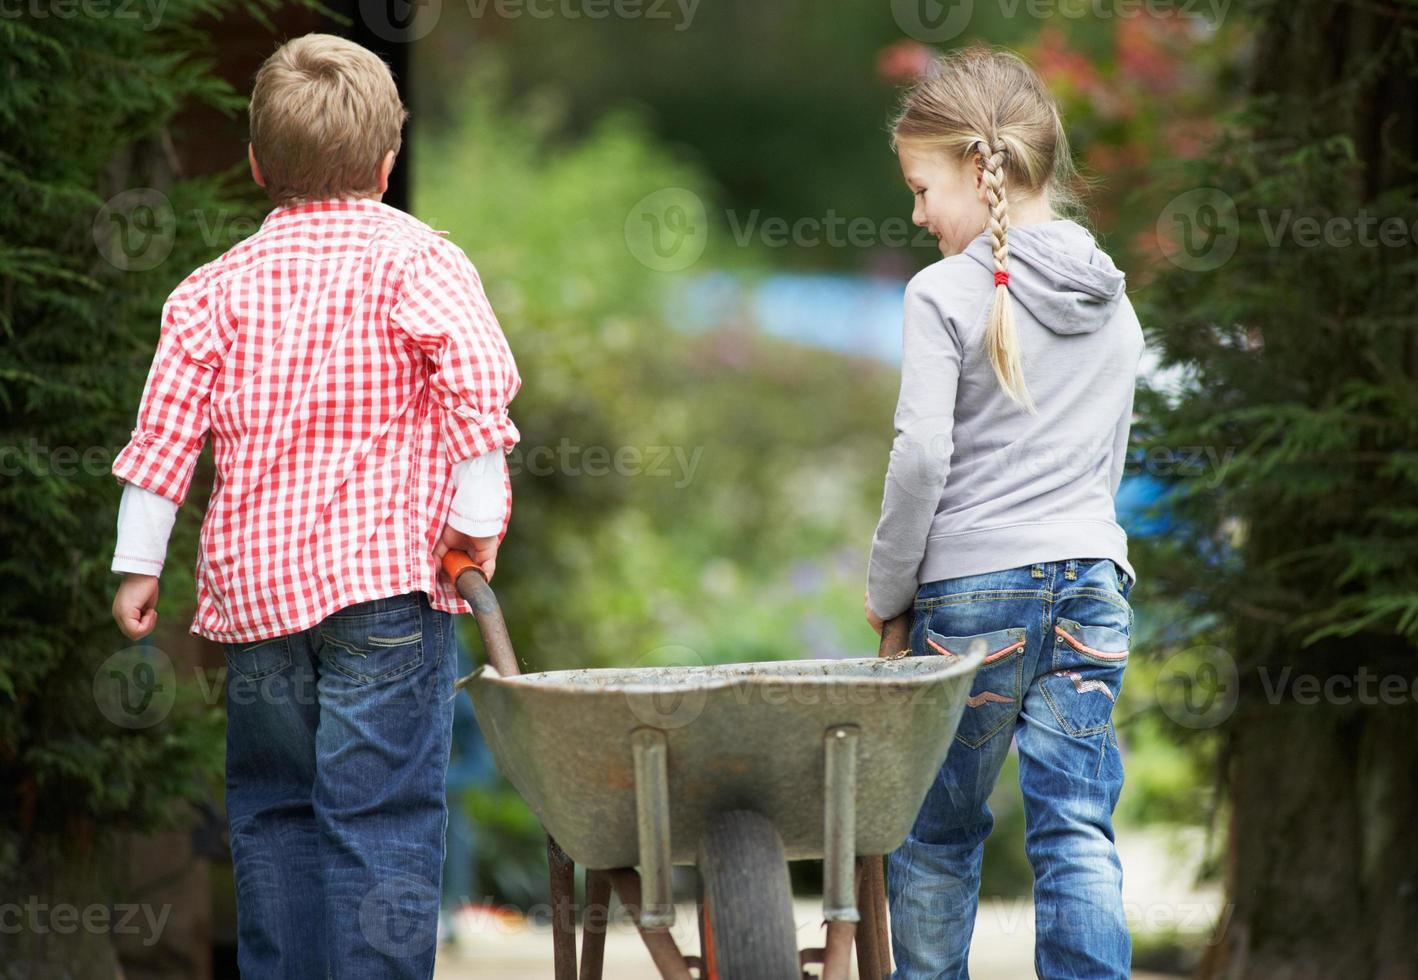 zwei Kinder spielen mit Schubkarre im Garten foto